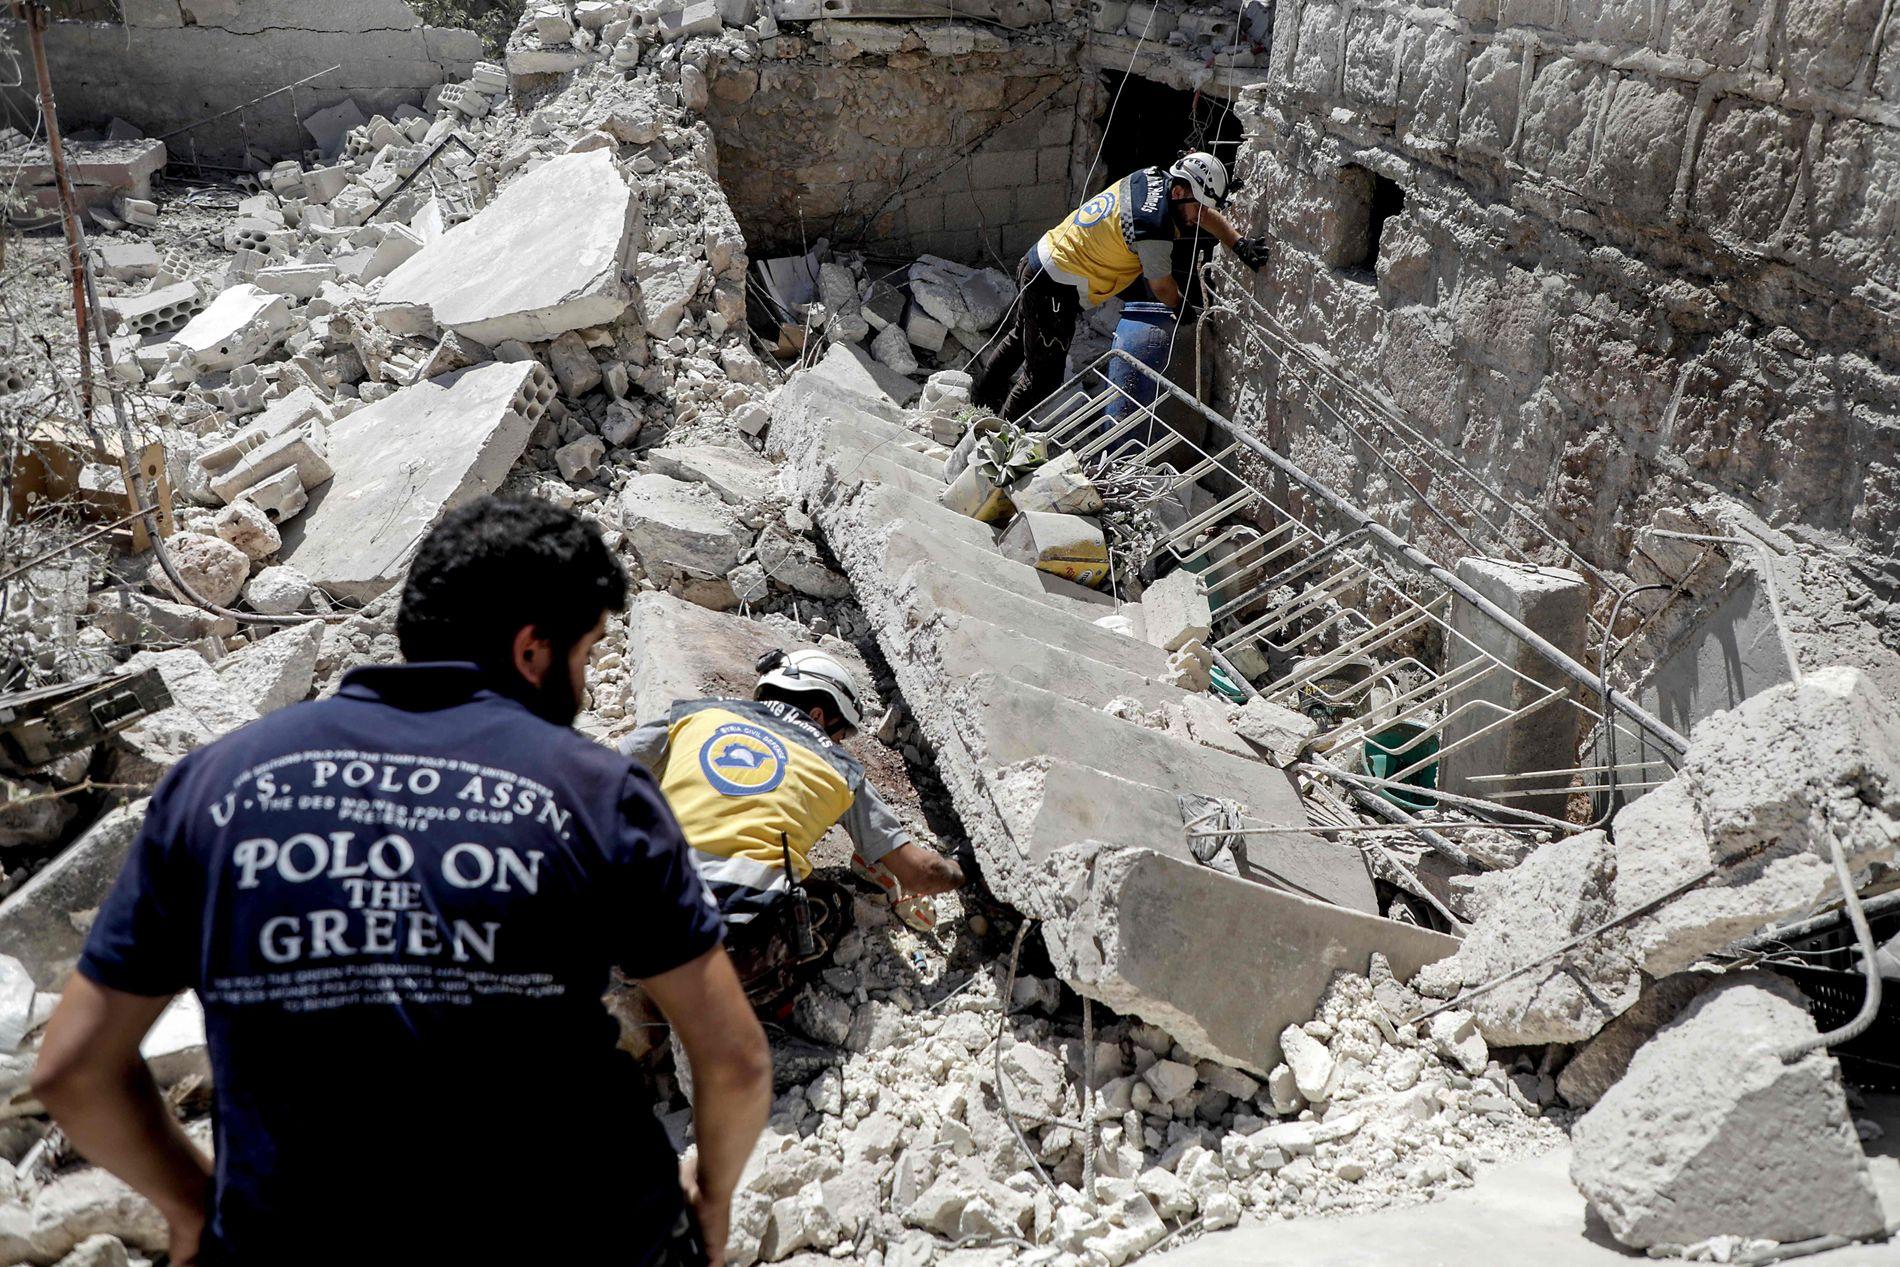 KOLLAPSET: Redningsarbeidere leter etter overlevende i ruinene.